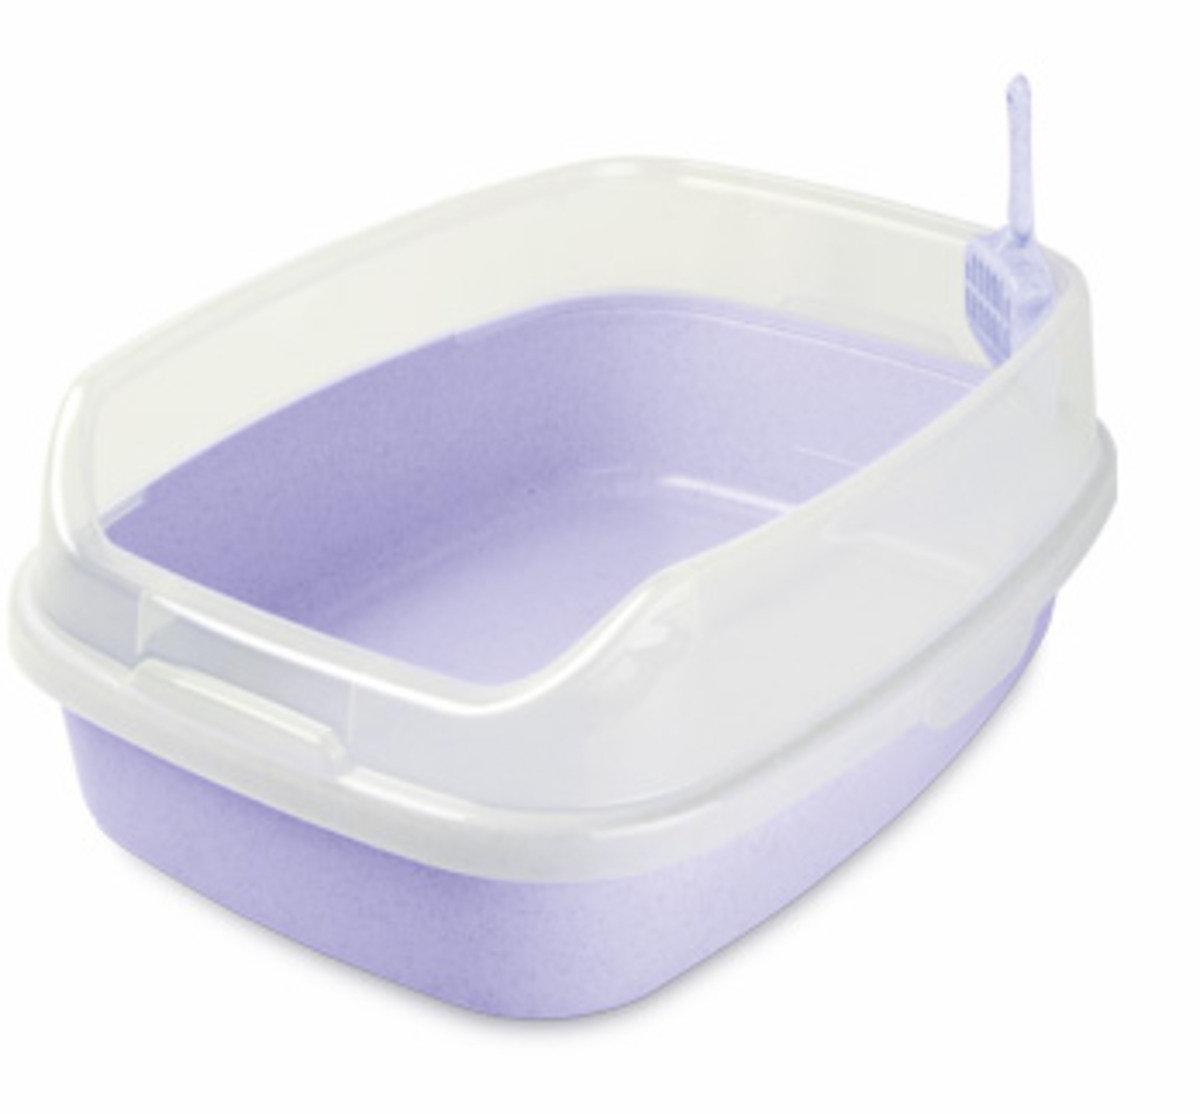 特大豪華無蓋貓廁所(紫色)